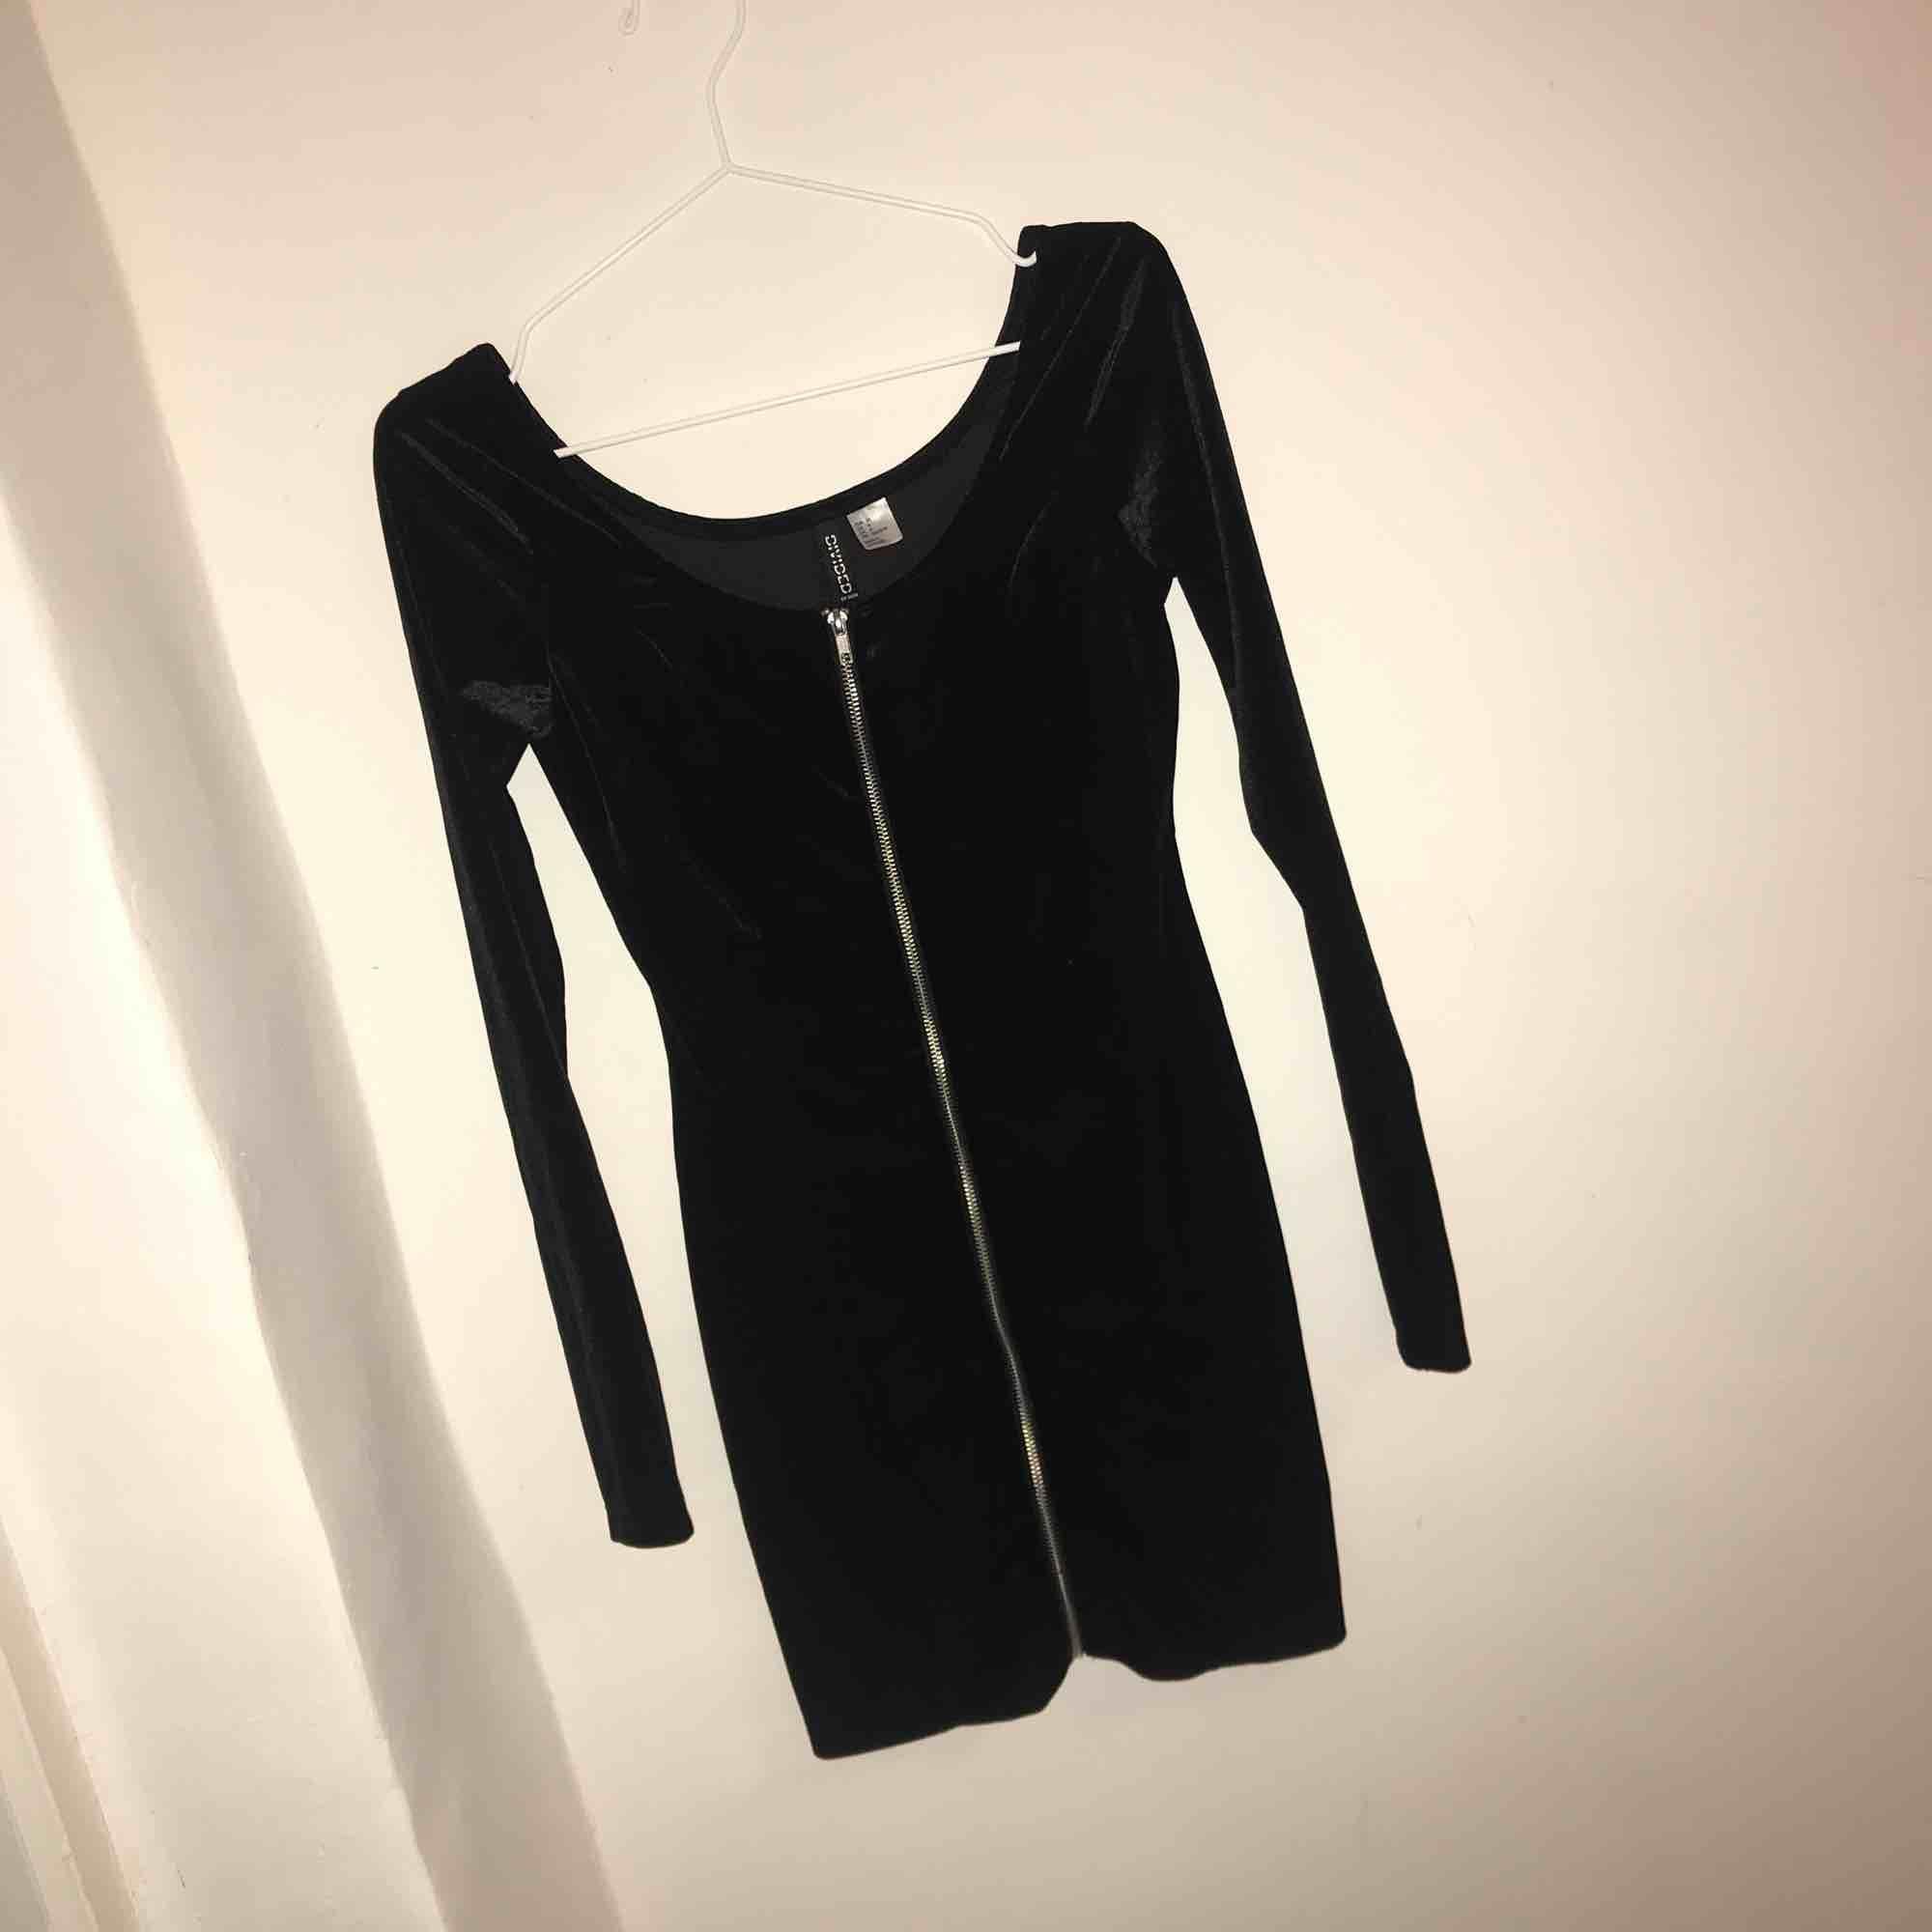 323e07d7a419 Festlig klänning i svart plysch med en dragkedja hela vägen! Från h&m och  knappt använd ...